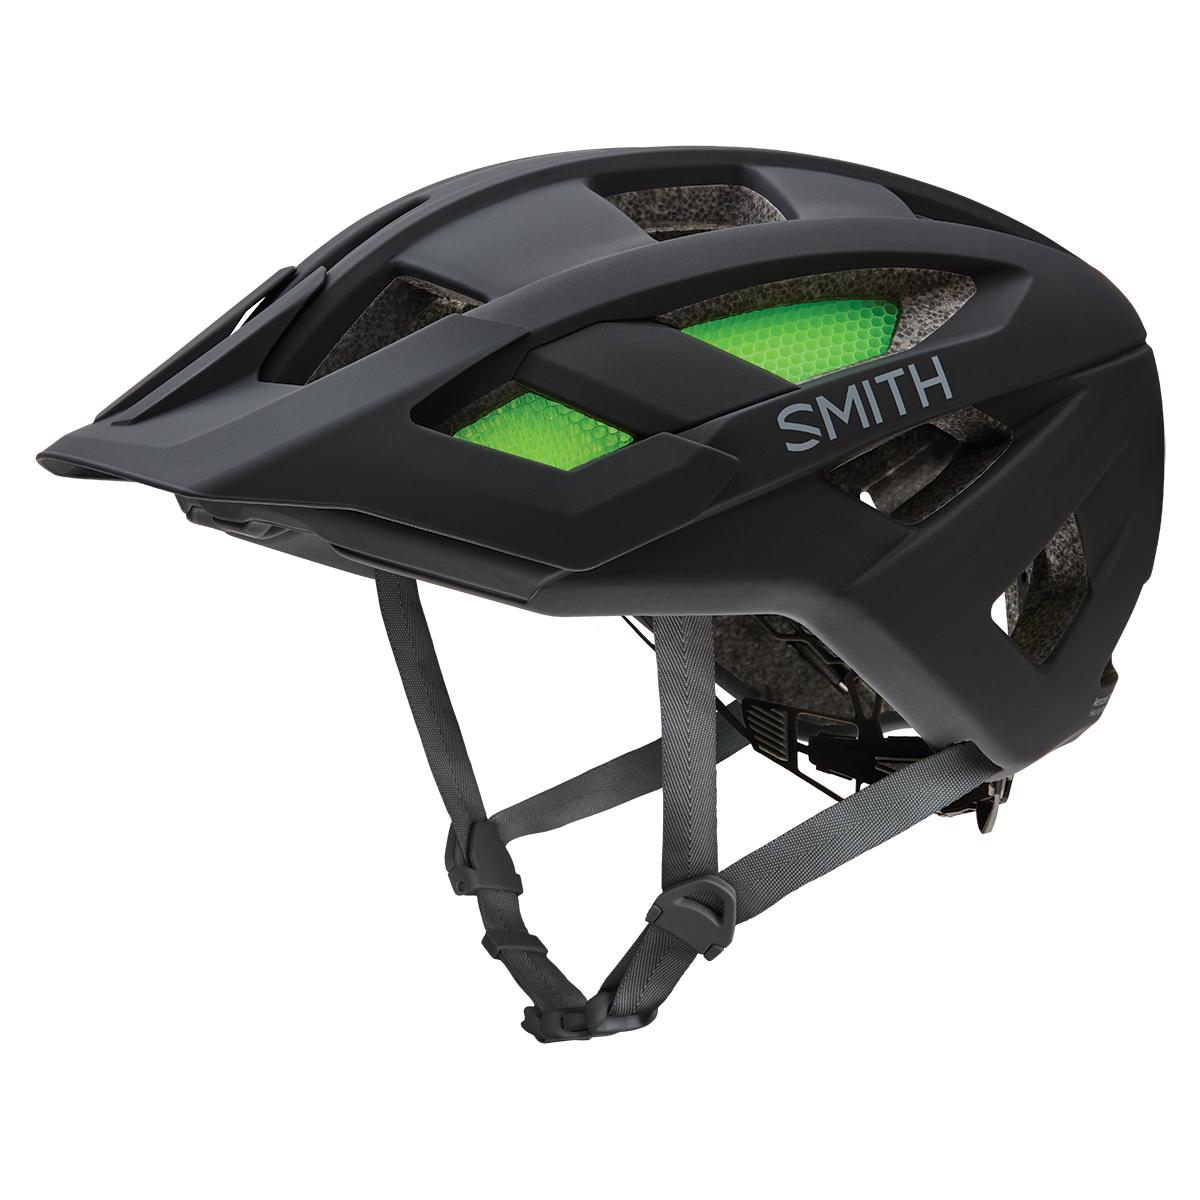 SMITH Rover(スミス ローバー ) ヘルメット 2018